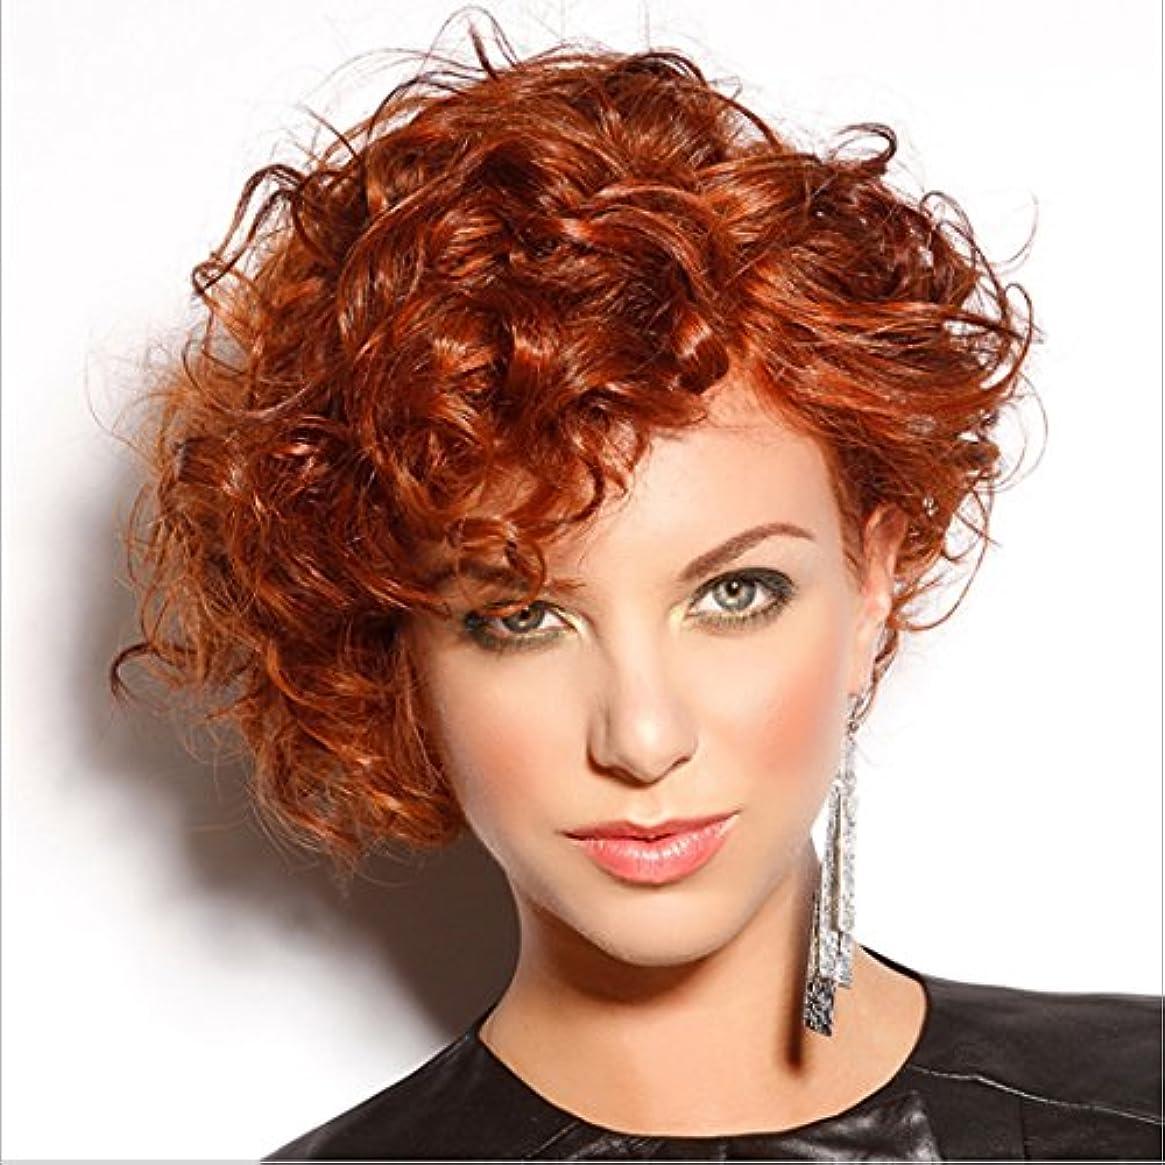 ピンチ騒乱進捗JIANFU 女性のための20cmのボボヘッドのウィッグ若者のパーソナリティの女性のための部分的な斜めバンズウィッグの短いカーリーヘアー (Color : Wine red)